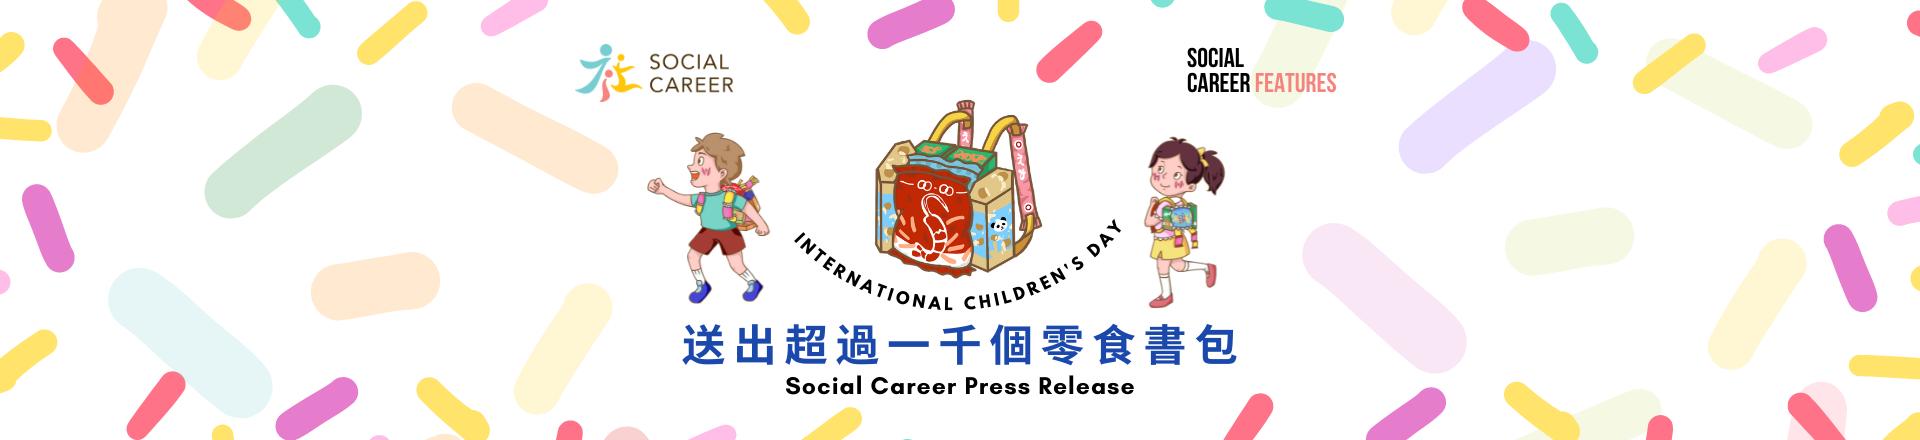 社職Social Career 2021 國際兒童節送出1000+零食書包